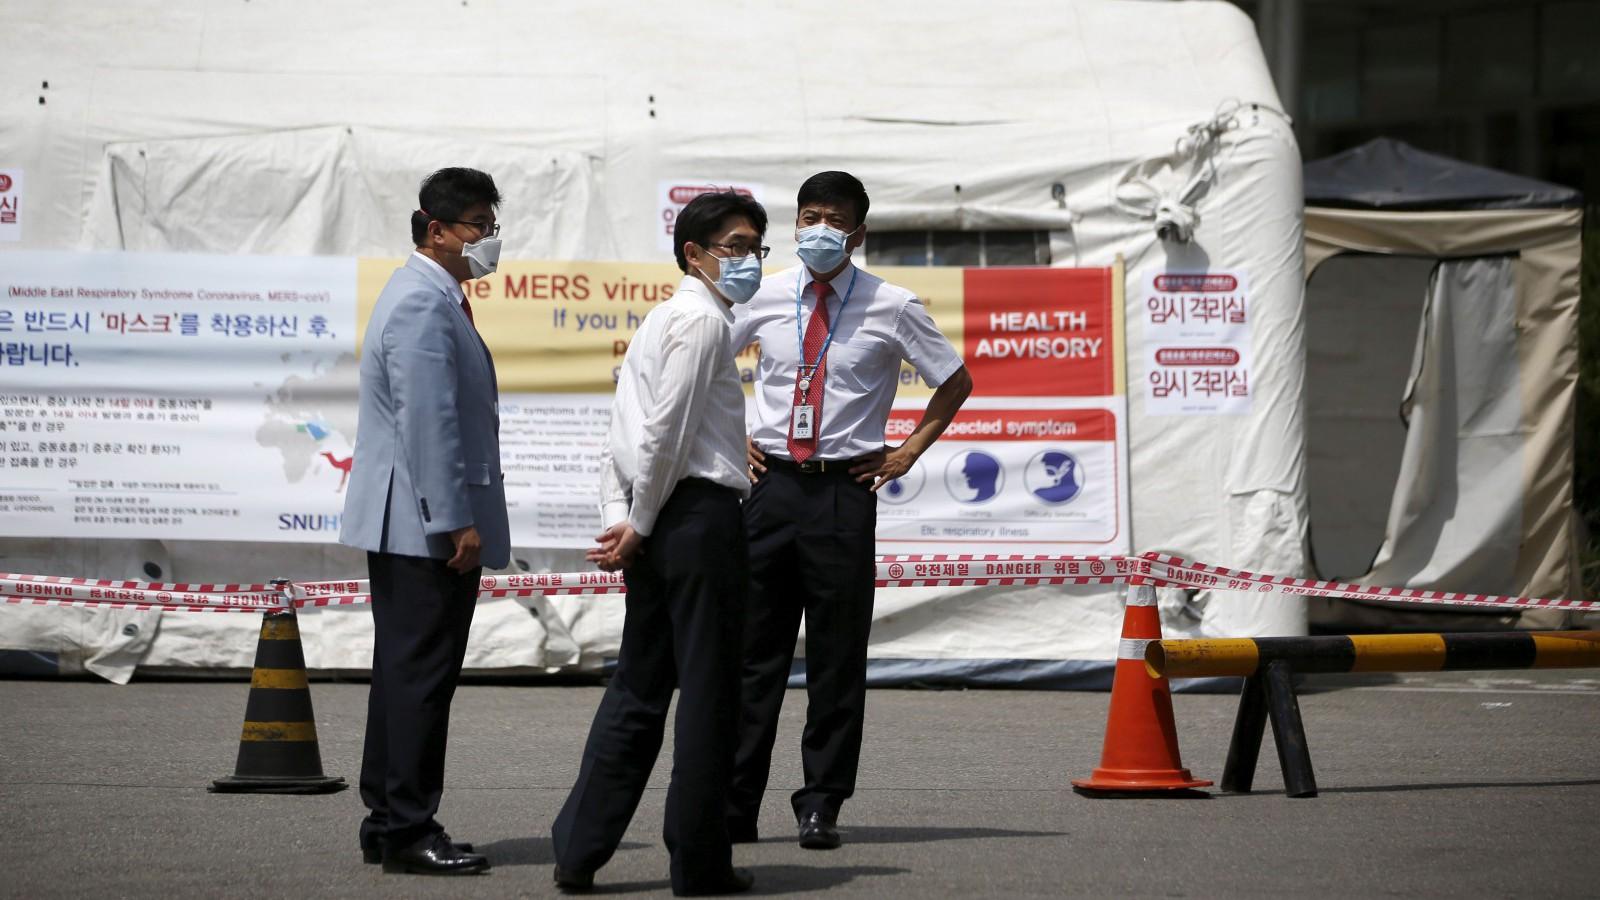 South Korea quarantine MERS